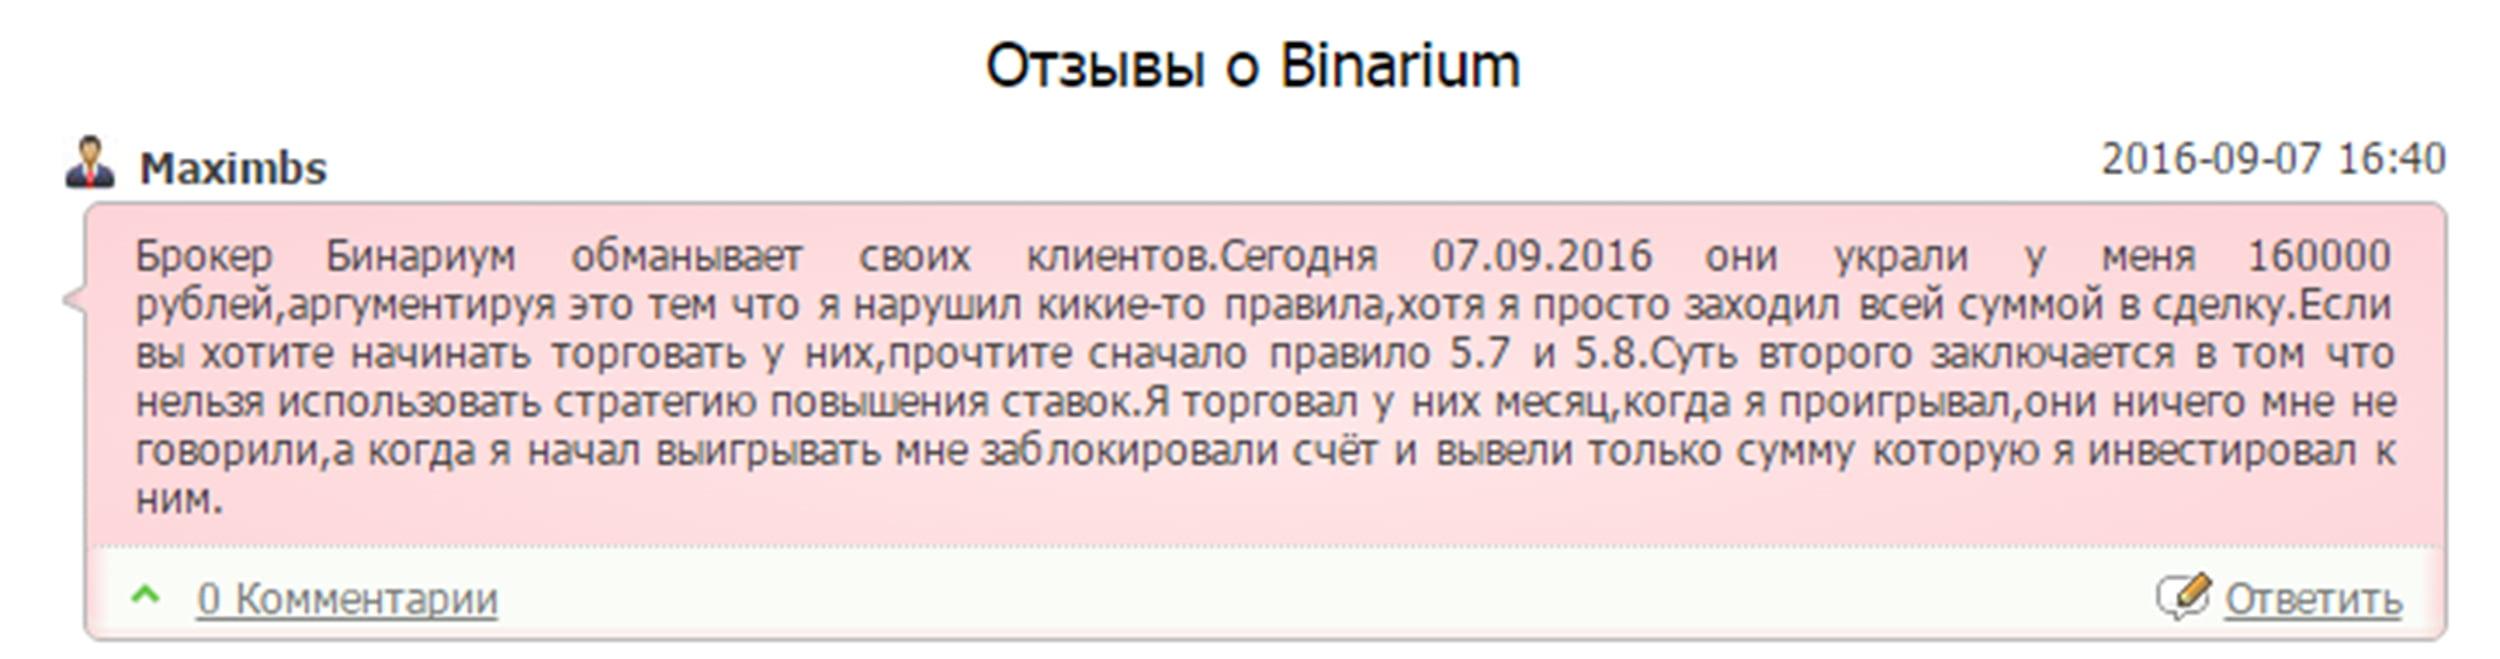 отзывы о сайте бинариум с форума: plusiminus.com